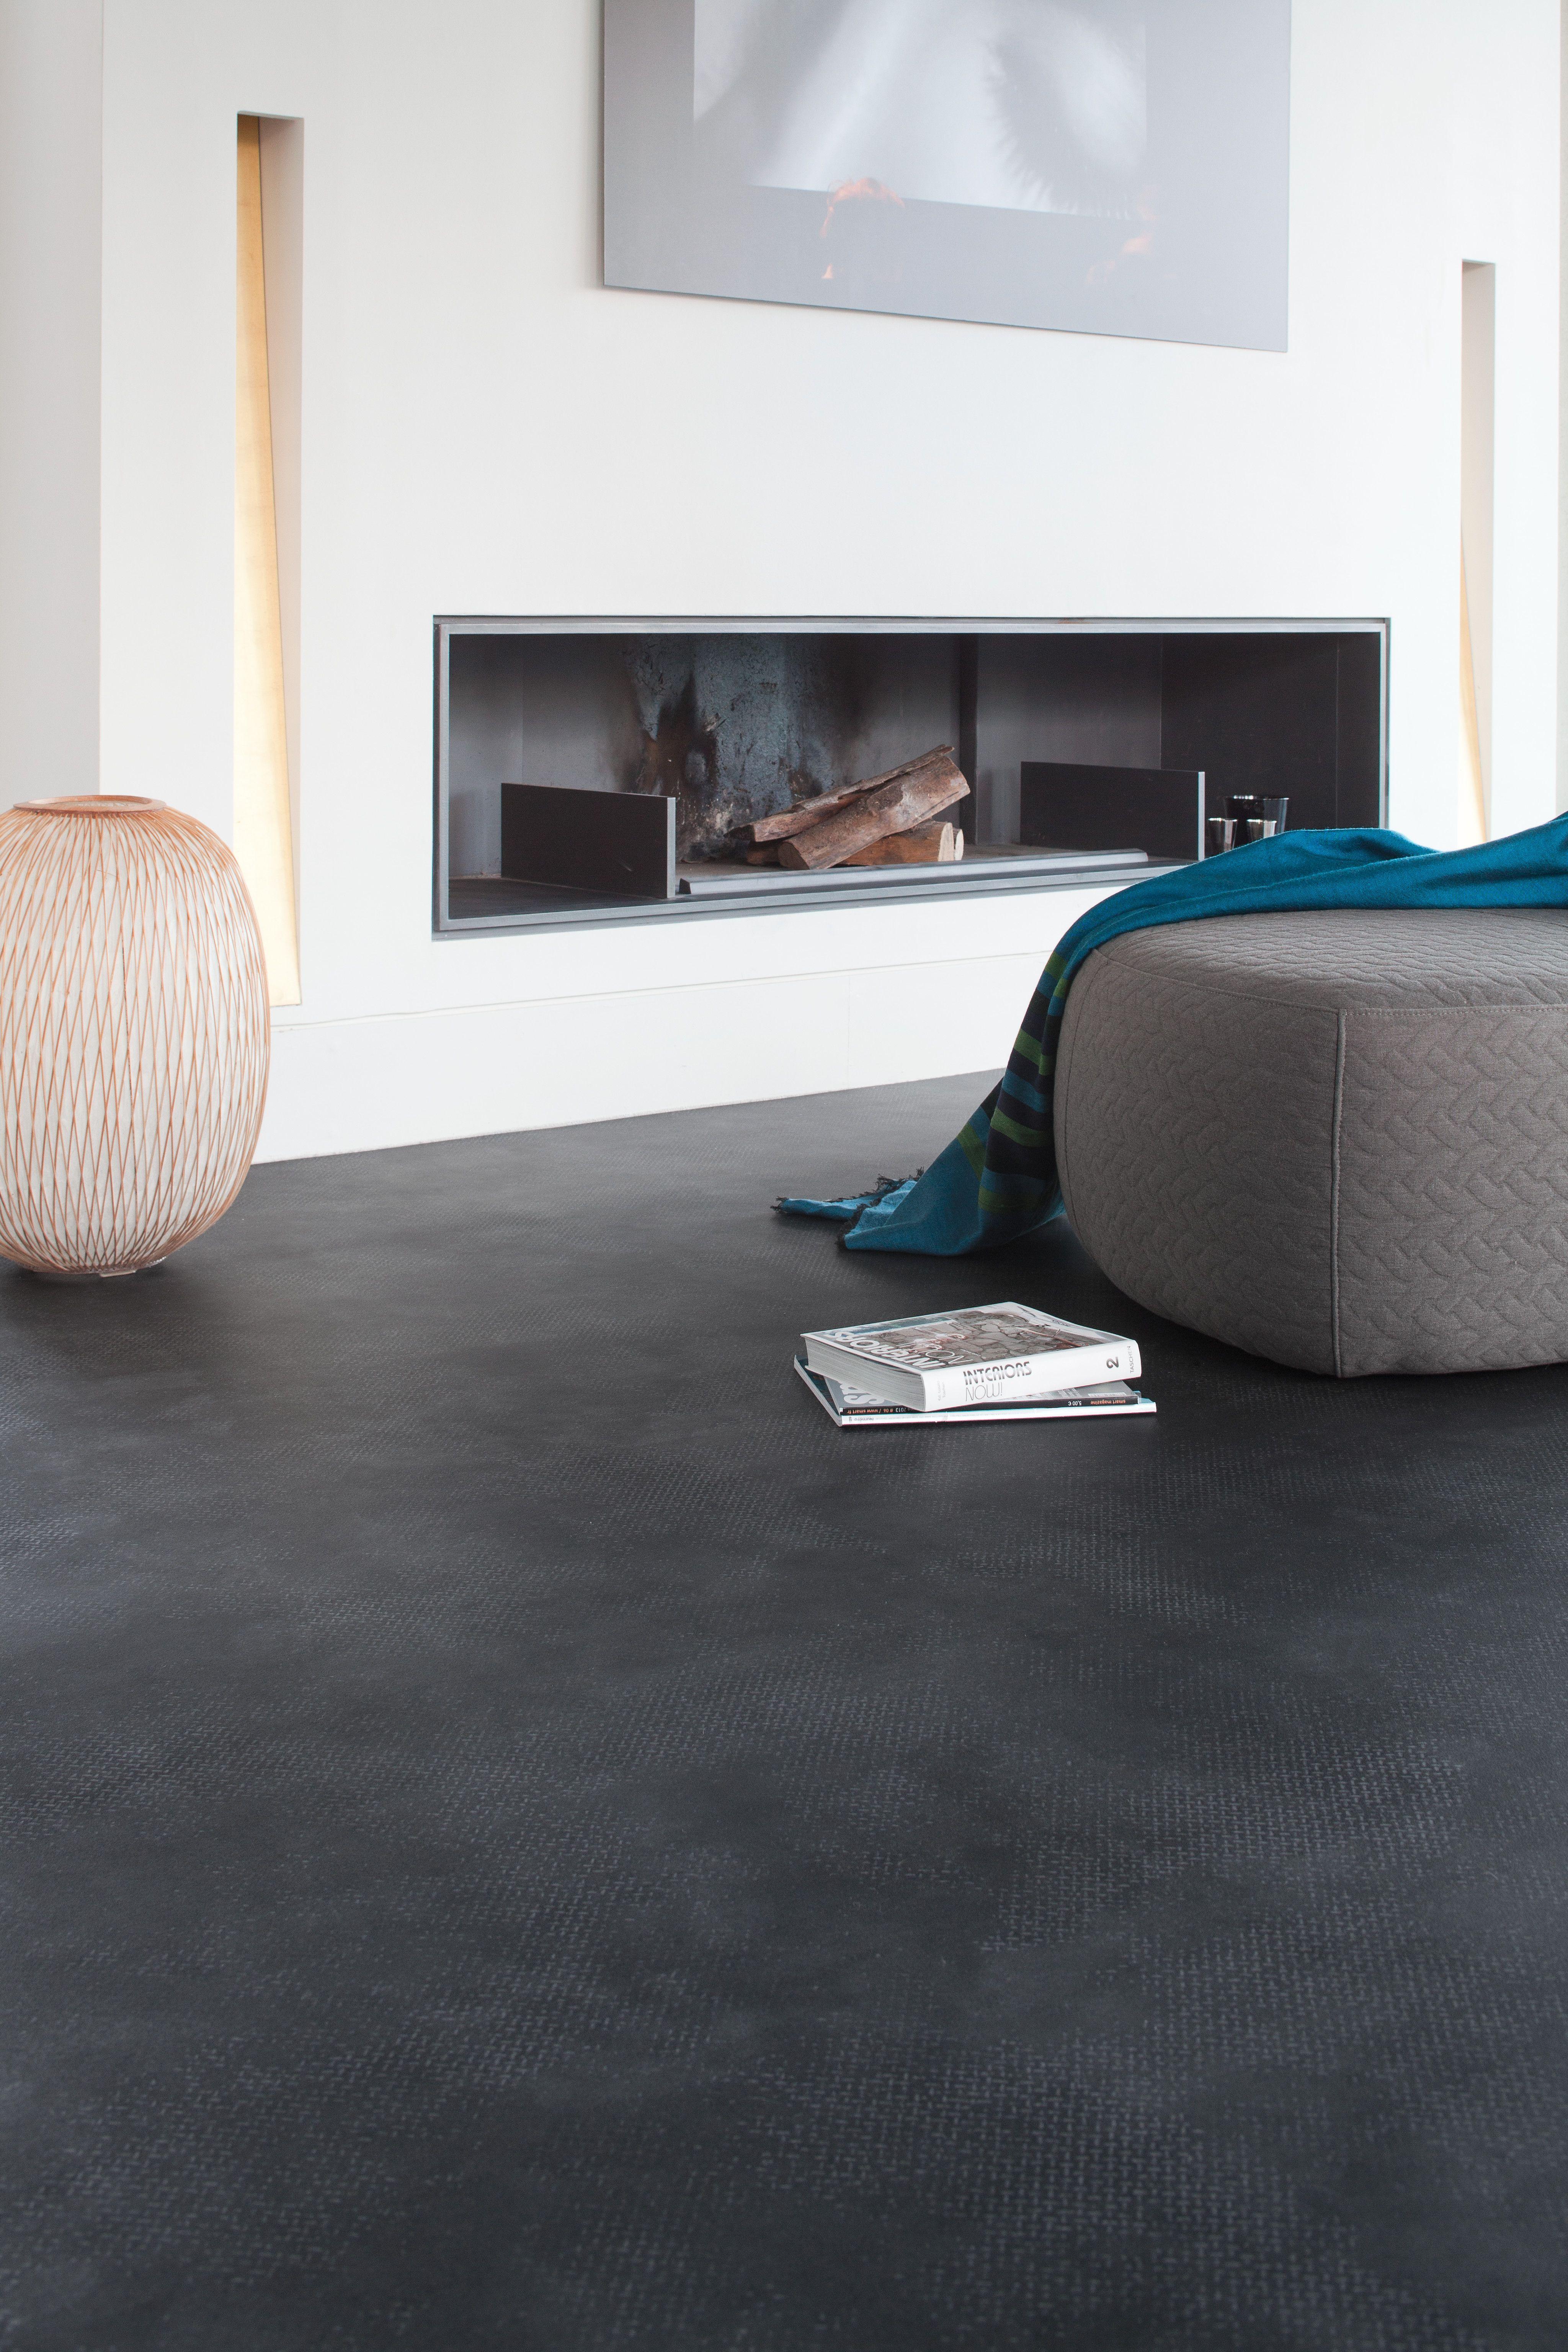 de nieuwe forbo marmoleum vloer bij leonie in amersfoort photo by